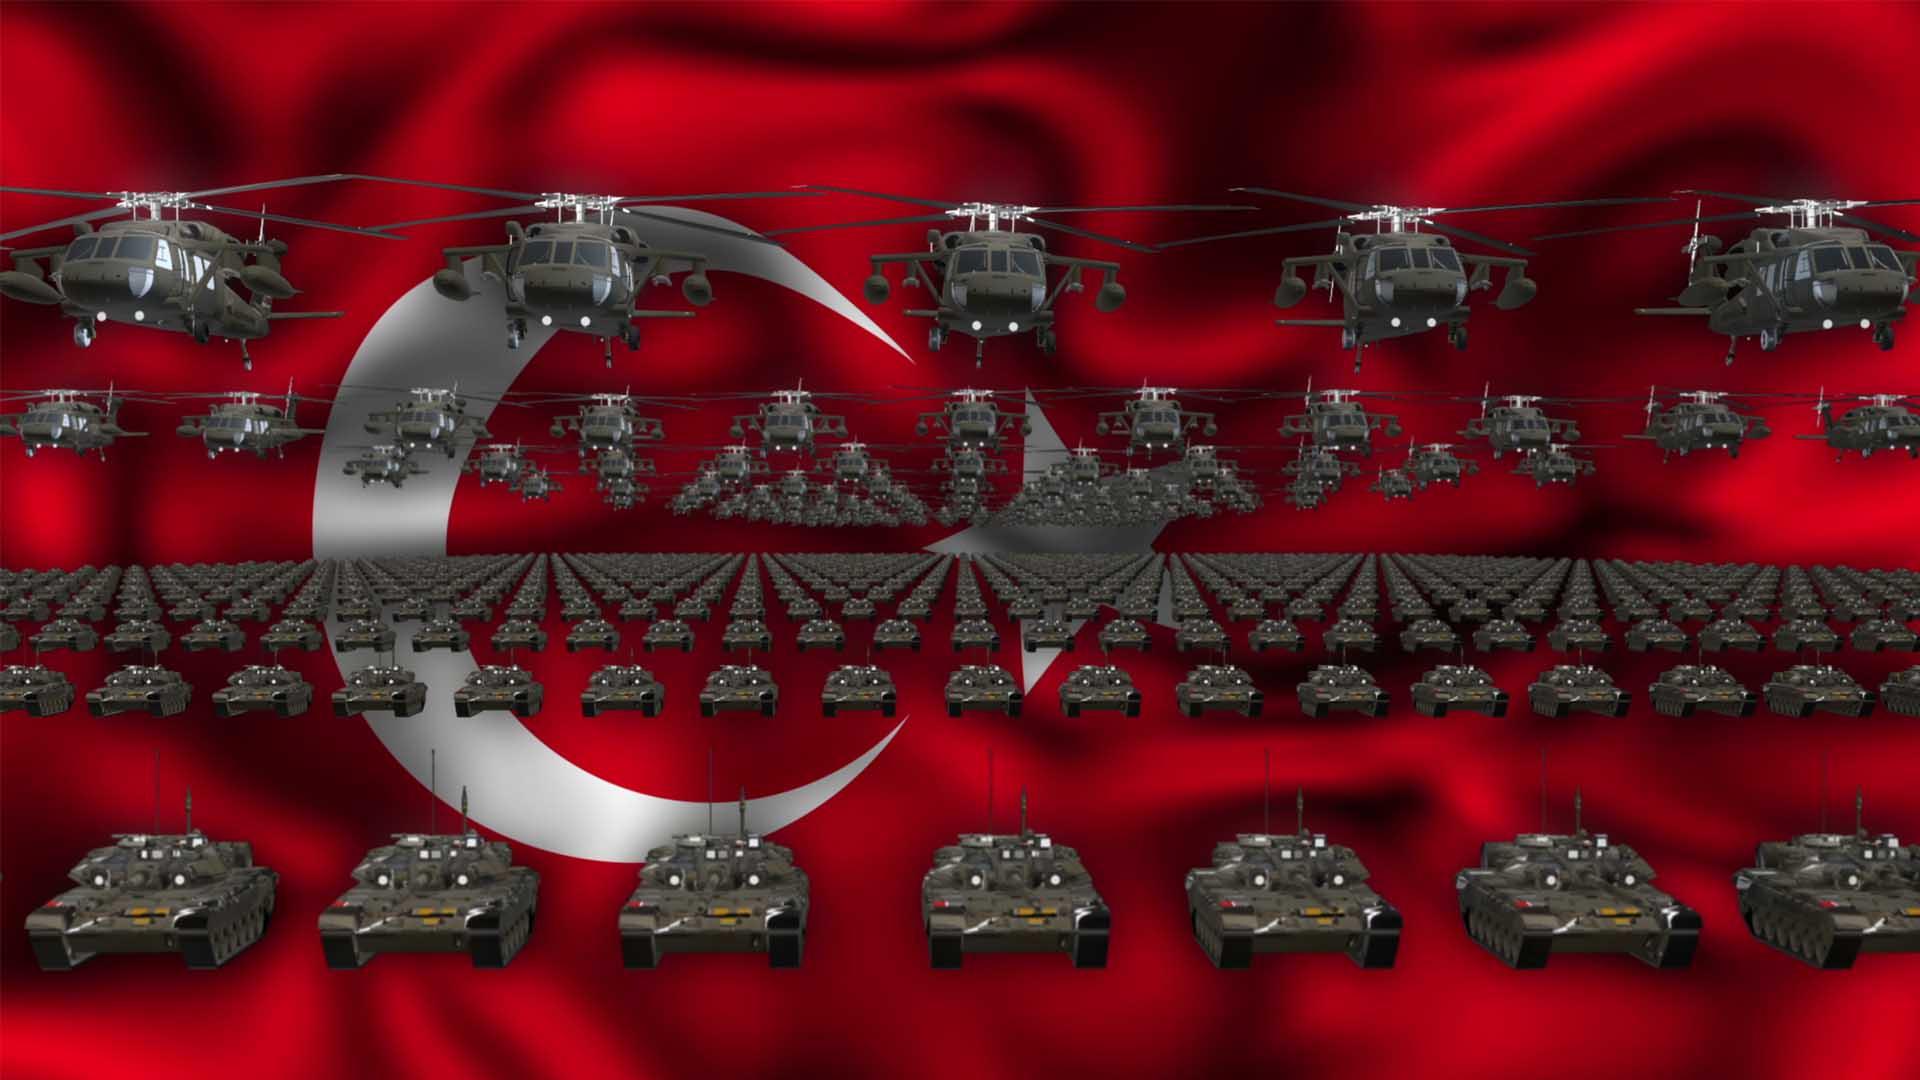 Turkey Army video background vj loop